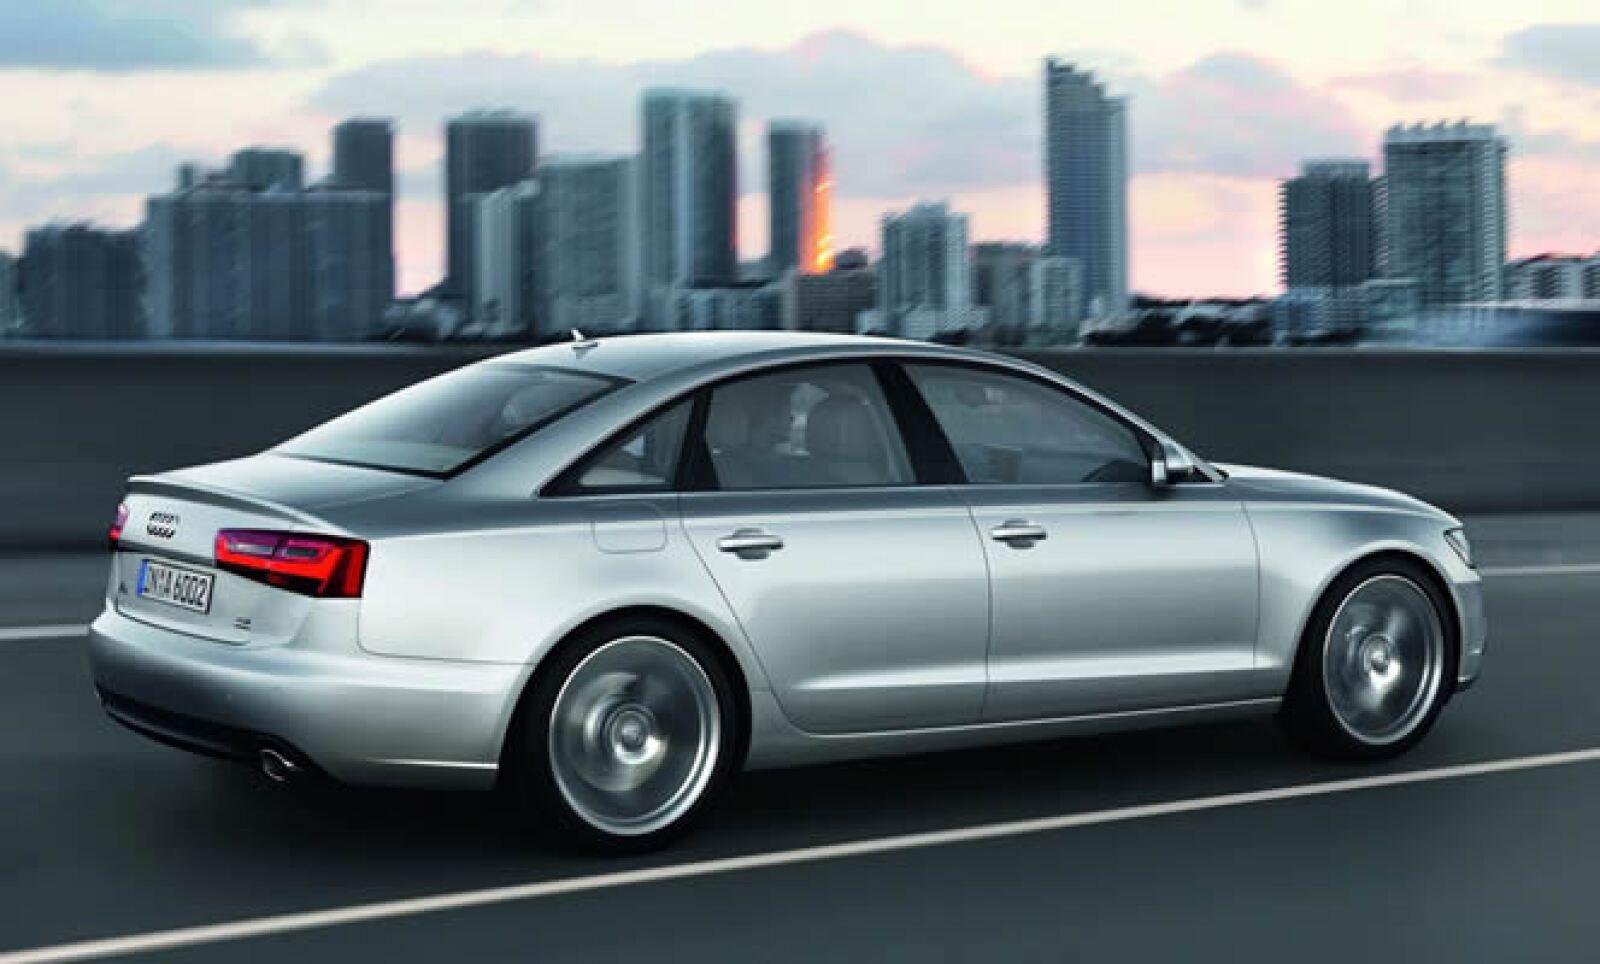 La automotriz no ha revelado el precio de esta versión, aunque el modelo actual fluctúa entre 61,450 y 83,100 dólares.